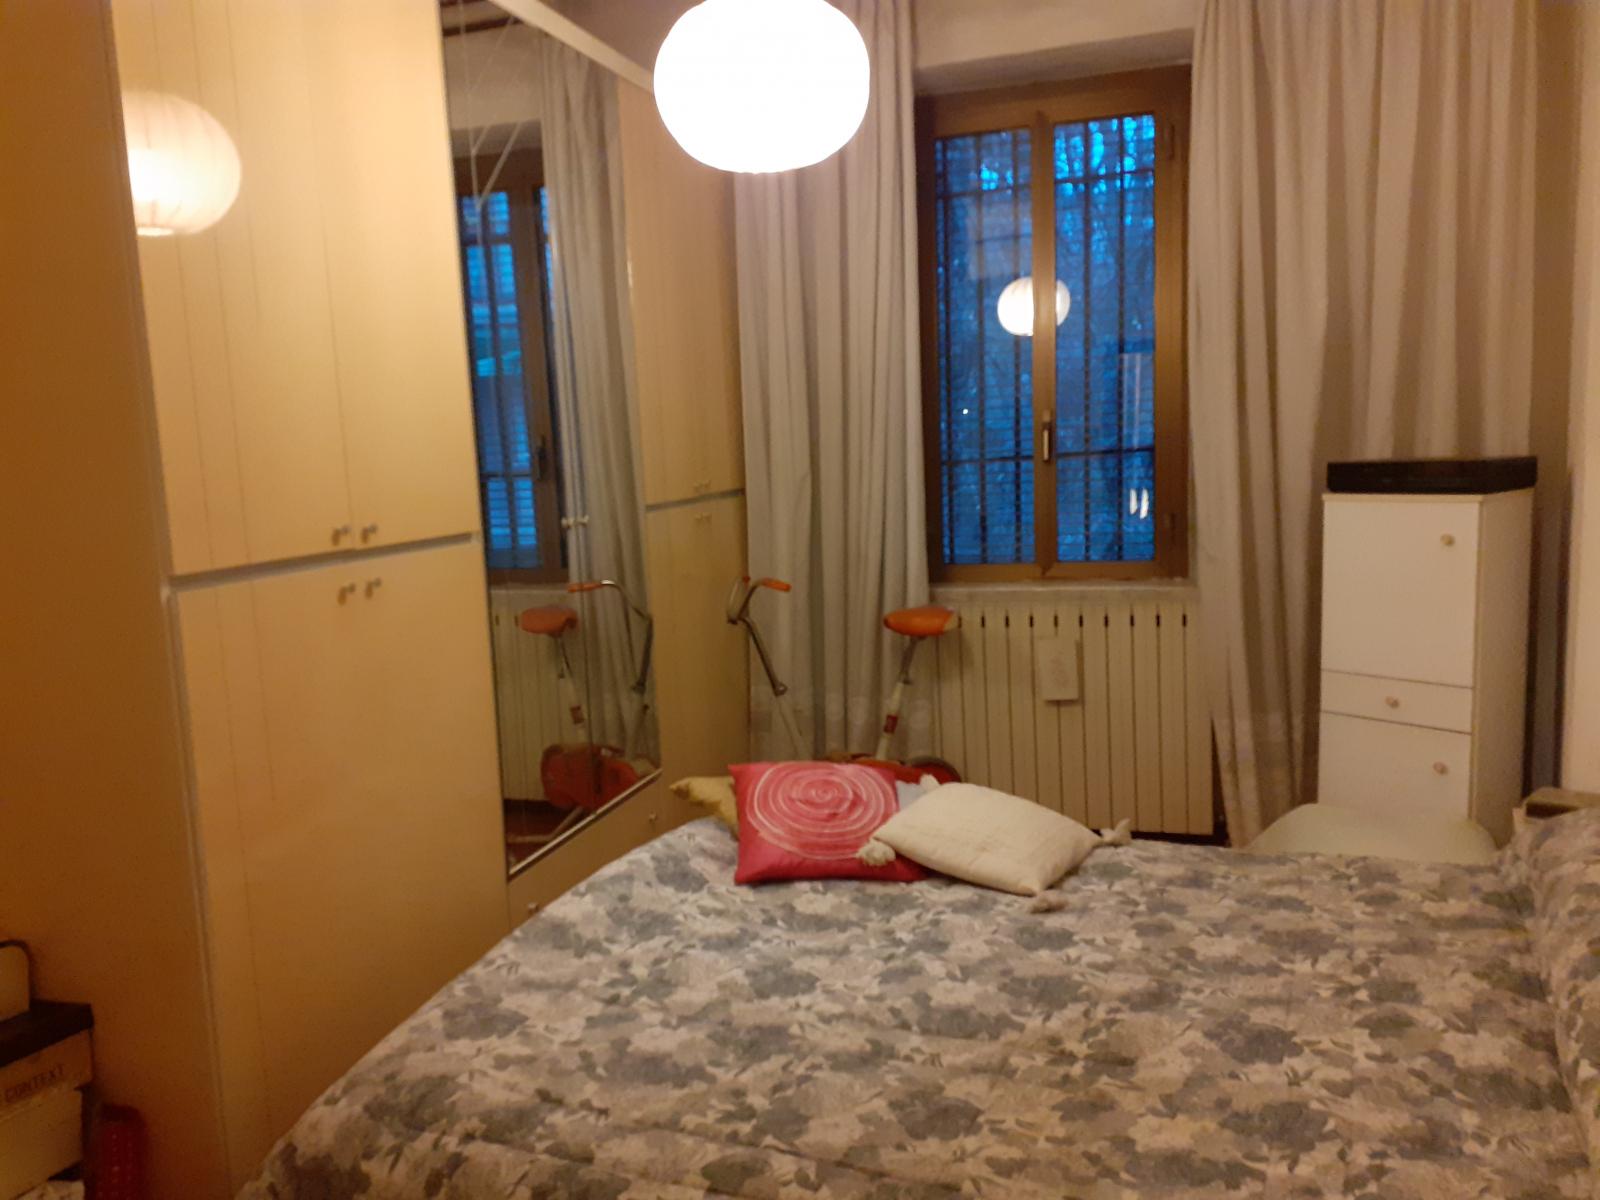 appartamento-in-vendita-a-baggio-milano-2-locali-bilocale-spaziourbano-immobiliare-vende-1